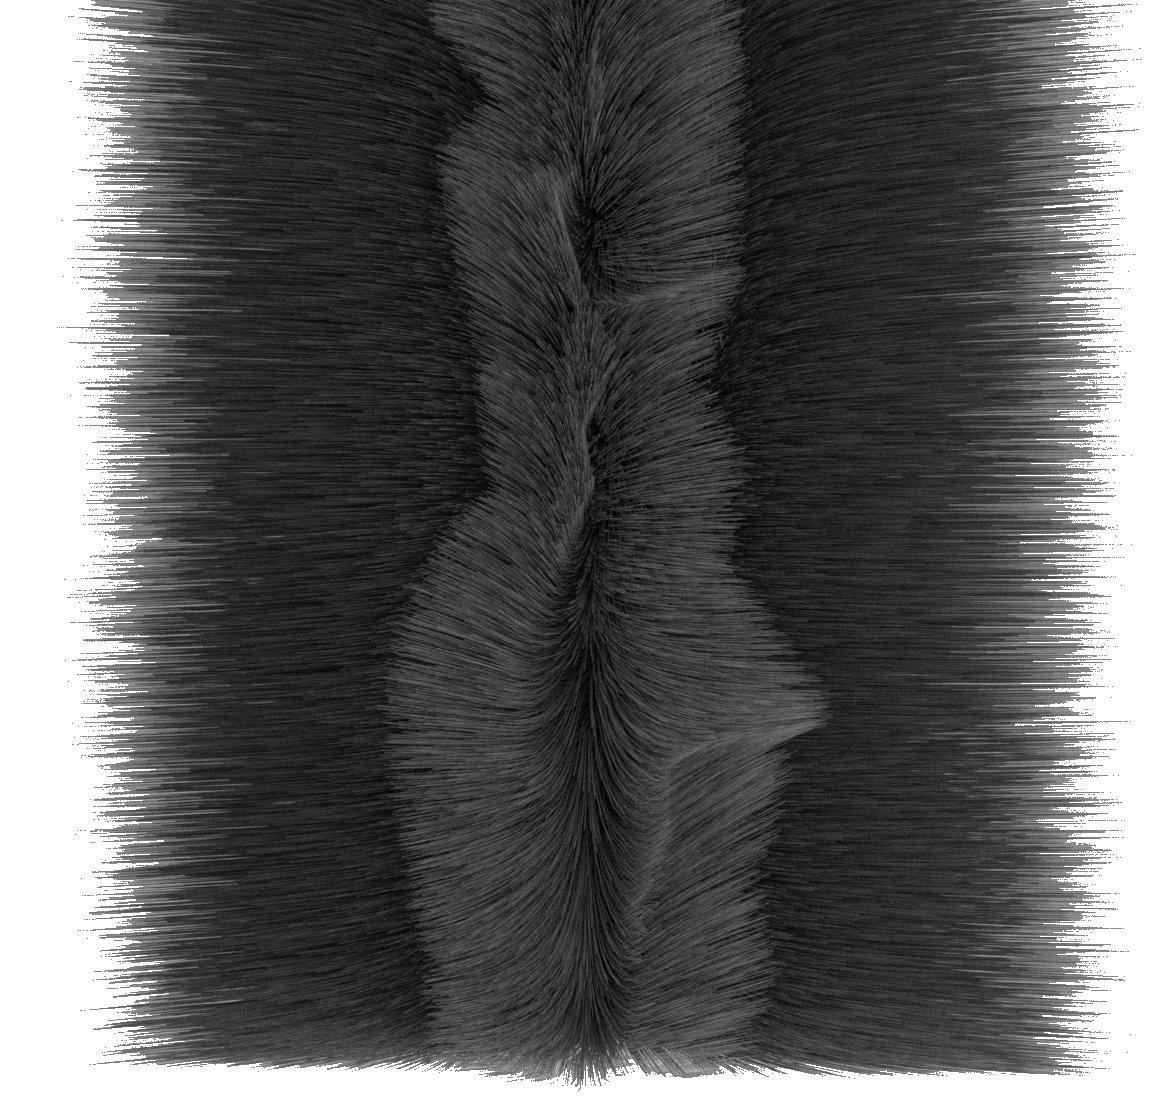 Stormguard 05 am054007mbl paquete doble puerta de garaje cepillo pelo burlete, Negro, 7 m 7m 05AM054007MBL